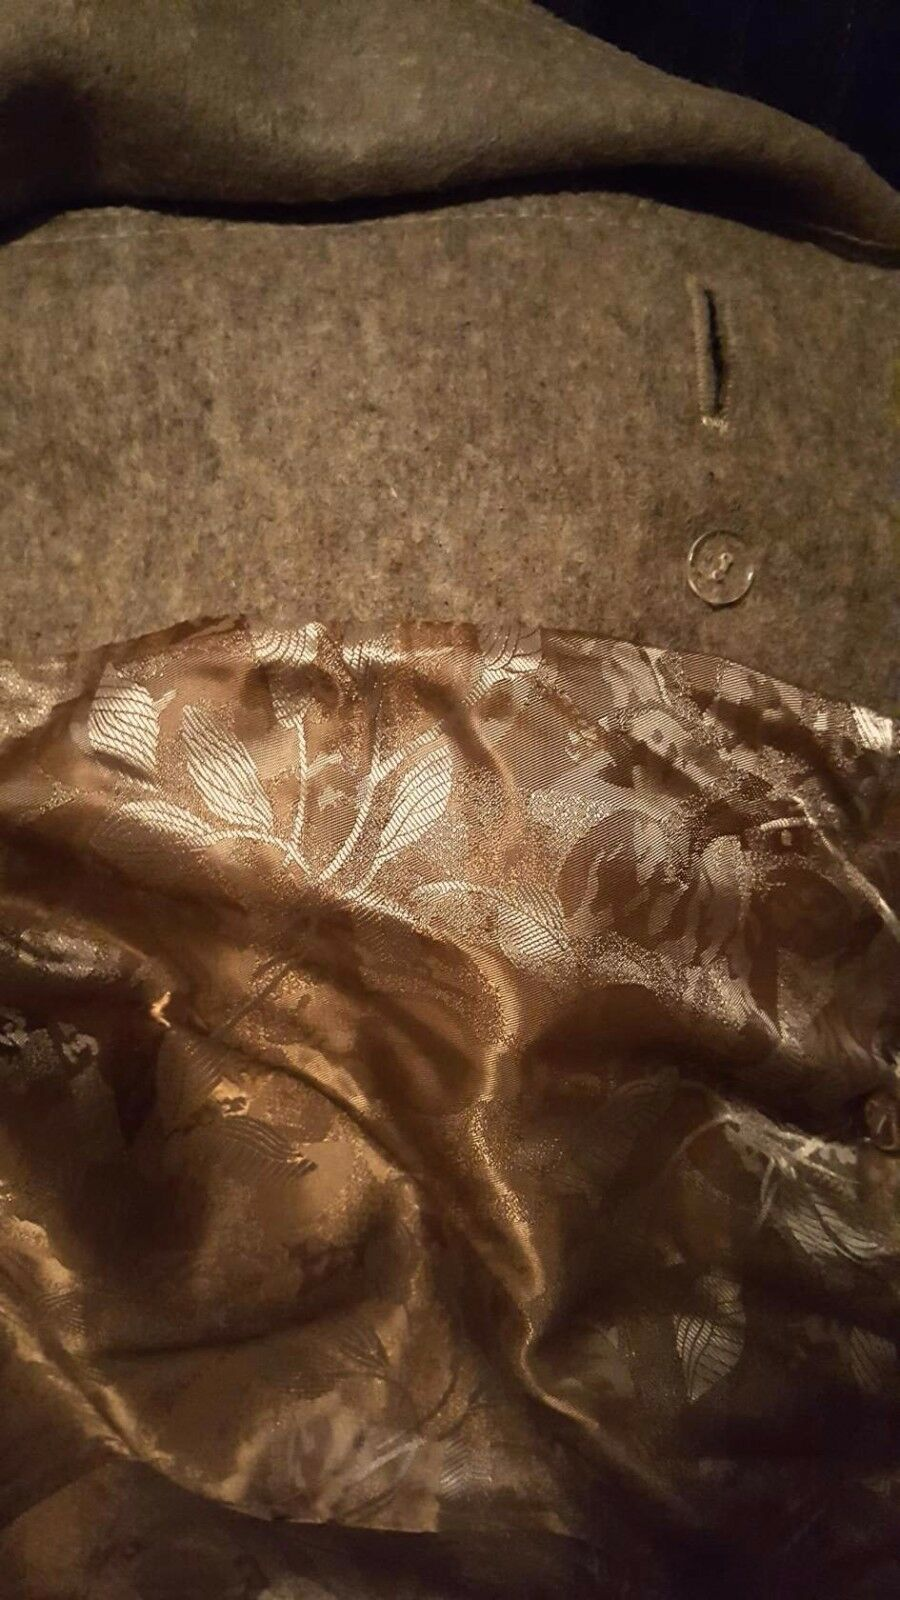 TOLLER WOLLMANTEL, von Millenium, hellbraun, GR.L ^°w.NEU | Gutes Gutes Gutes Design  | Hervorragende Eigenschaften  4c6895